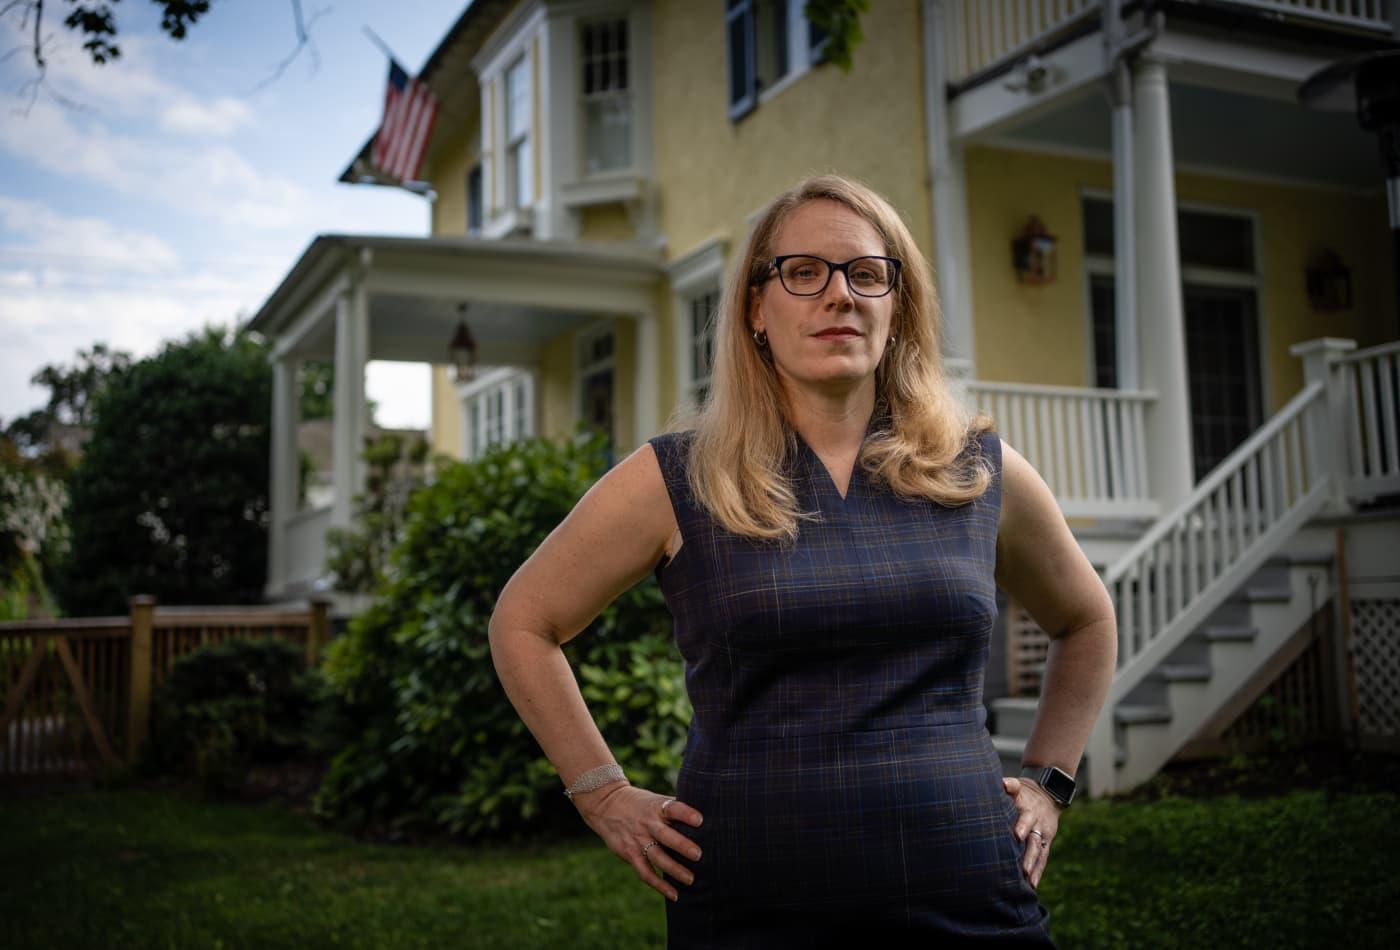 Jen O'Malley Dillon đã dẫn dắt thành công chiến dịch tranh cử của ứng cử viên Joe Biden.